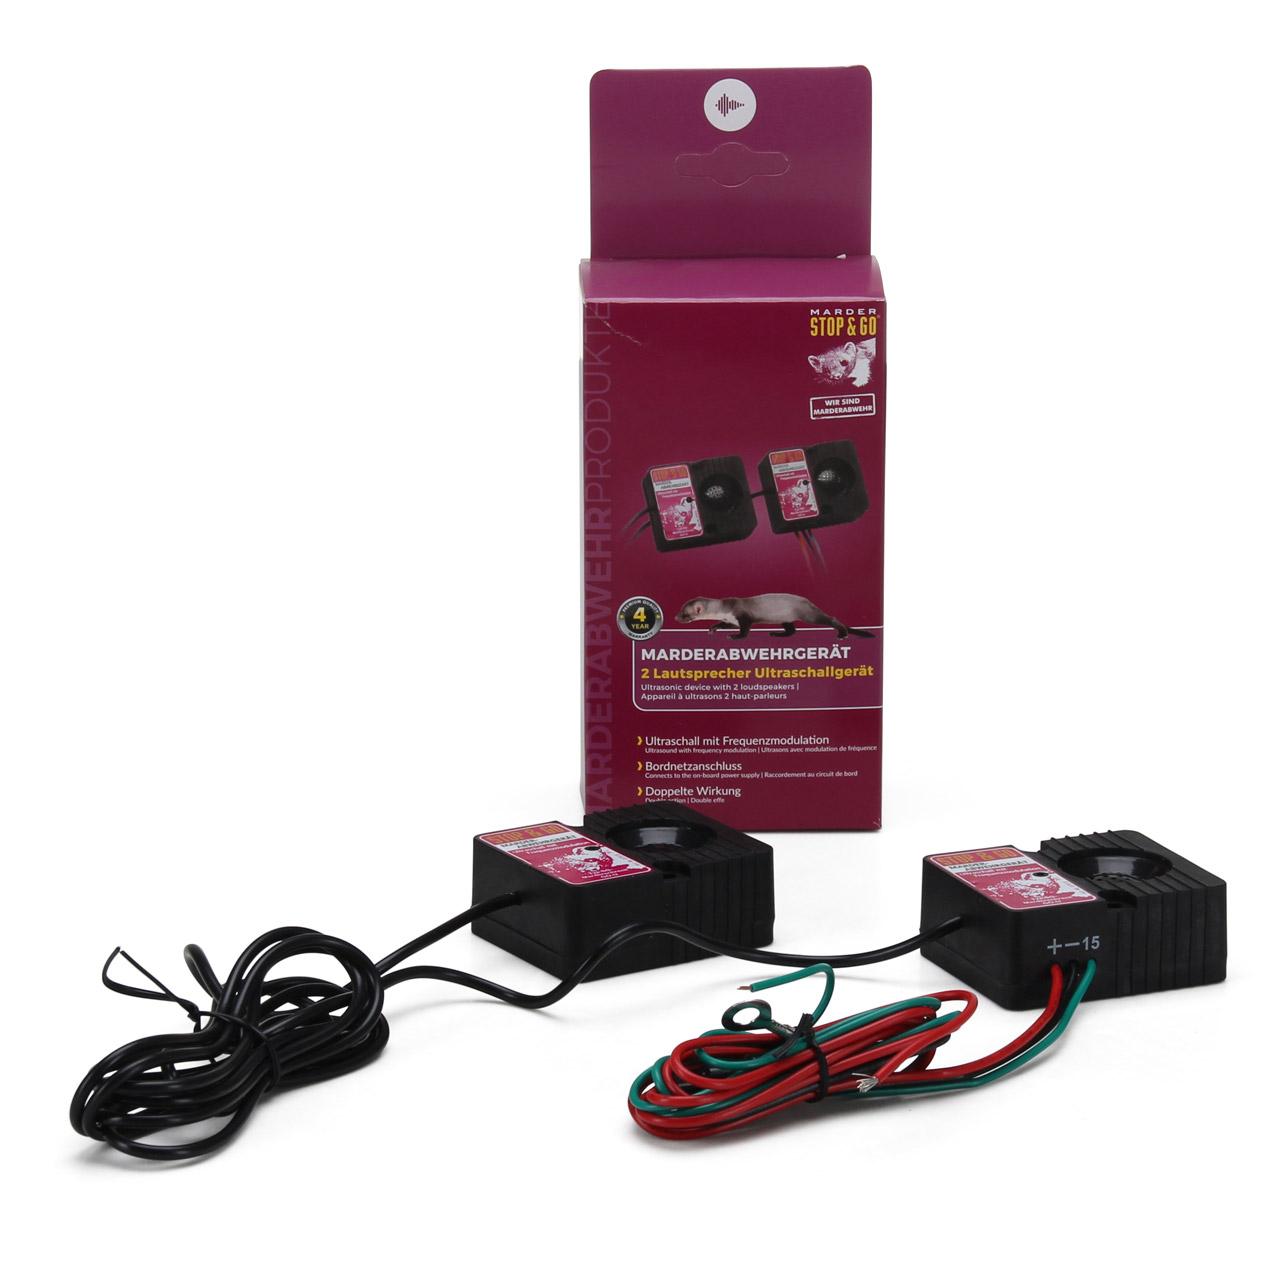 STOP & GO Marderabwehr Ultraschall-Gerät mit 2 Lautsprecher Marderschutz 07515